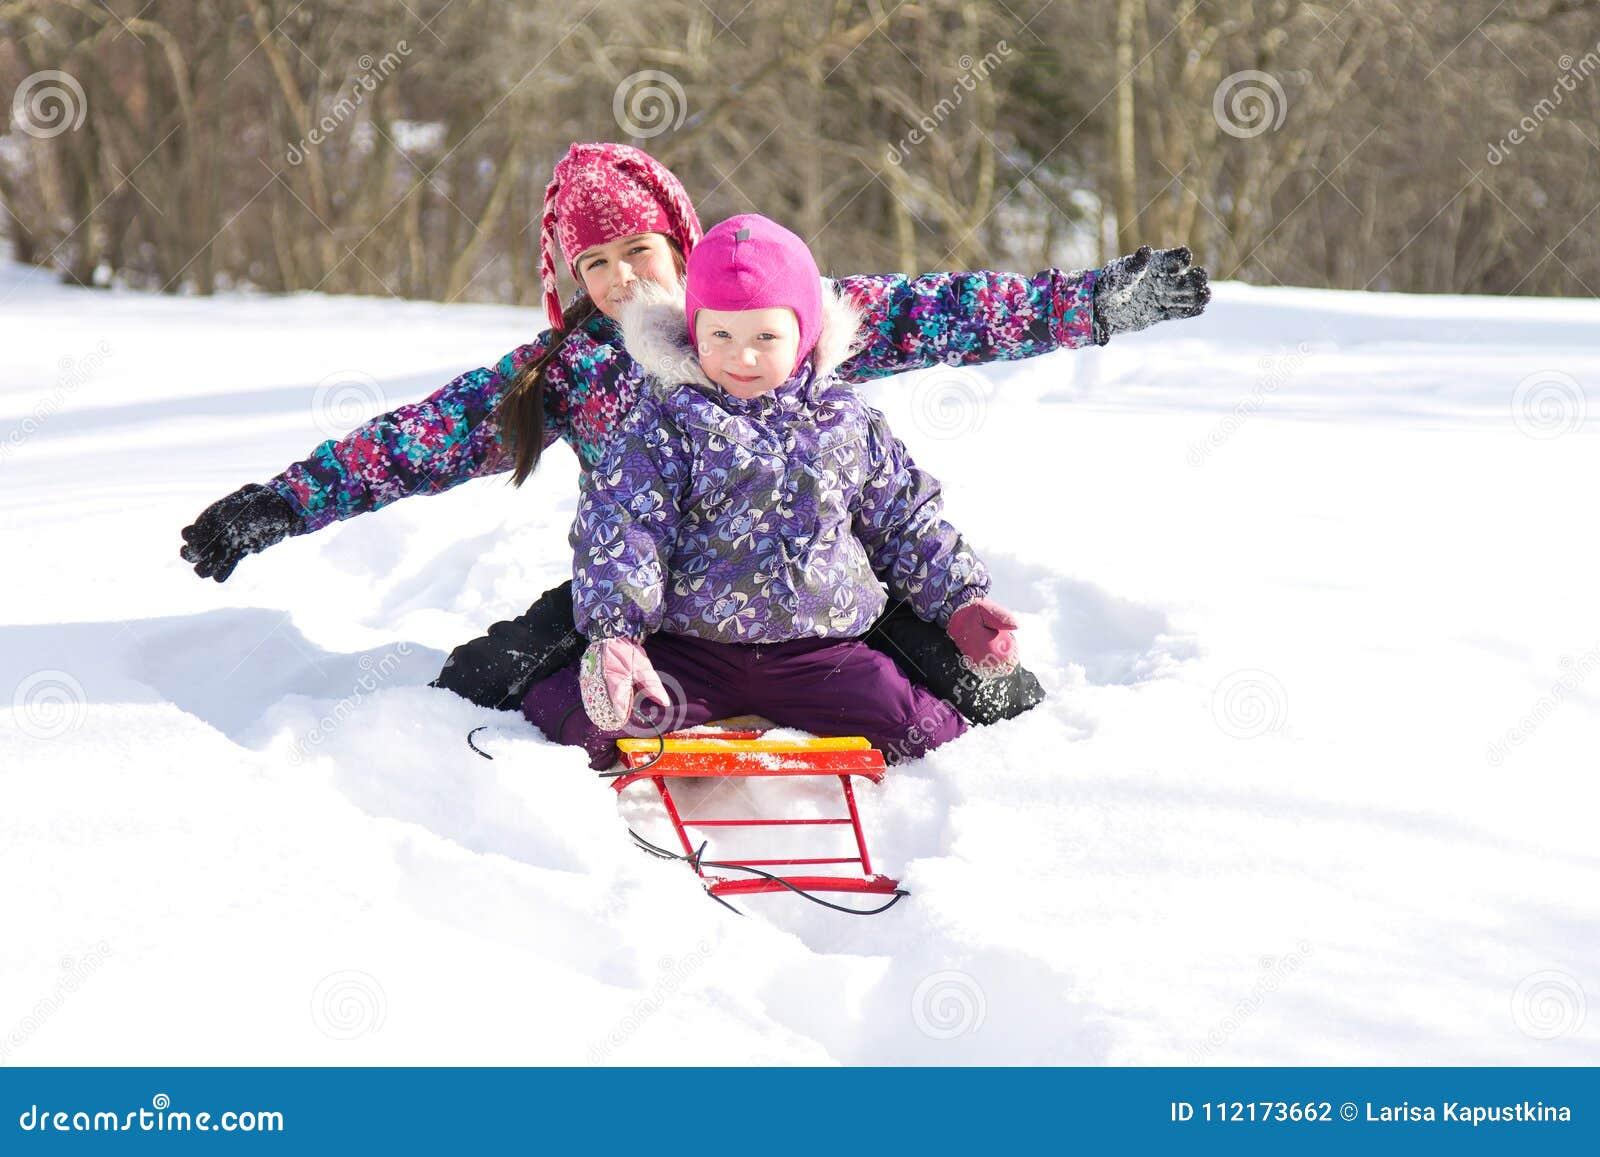 Glückliche Kinder, die zusammen auf einem Schlitten in einer Schneewehe an einem klaren Wintertag sitzen